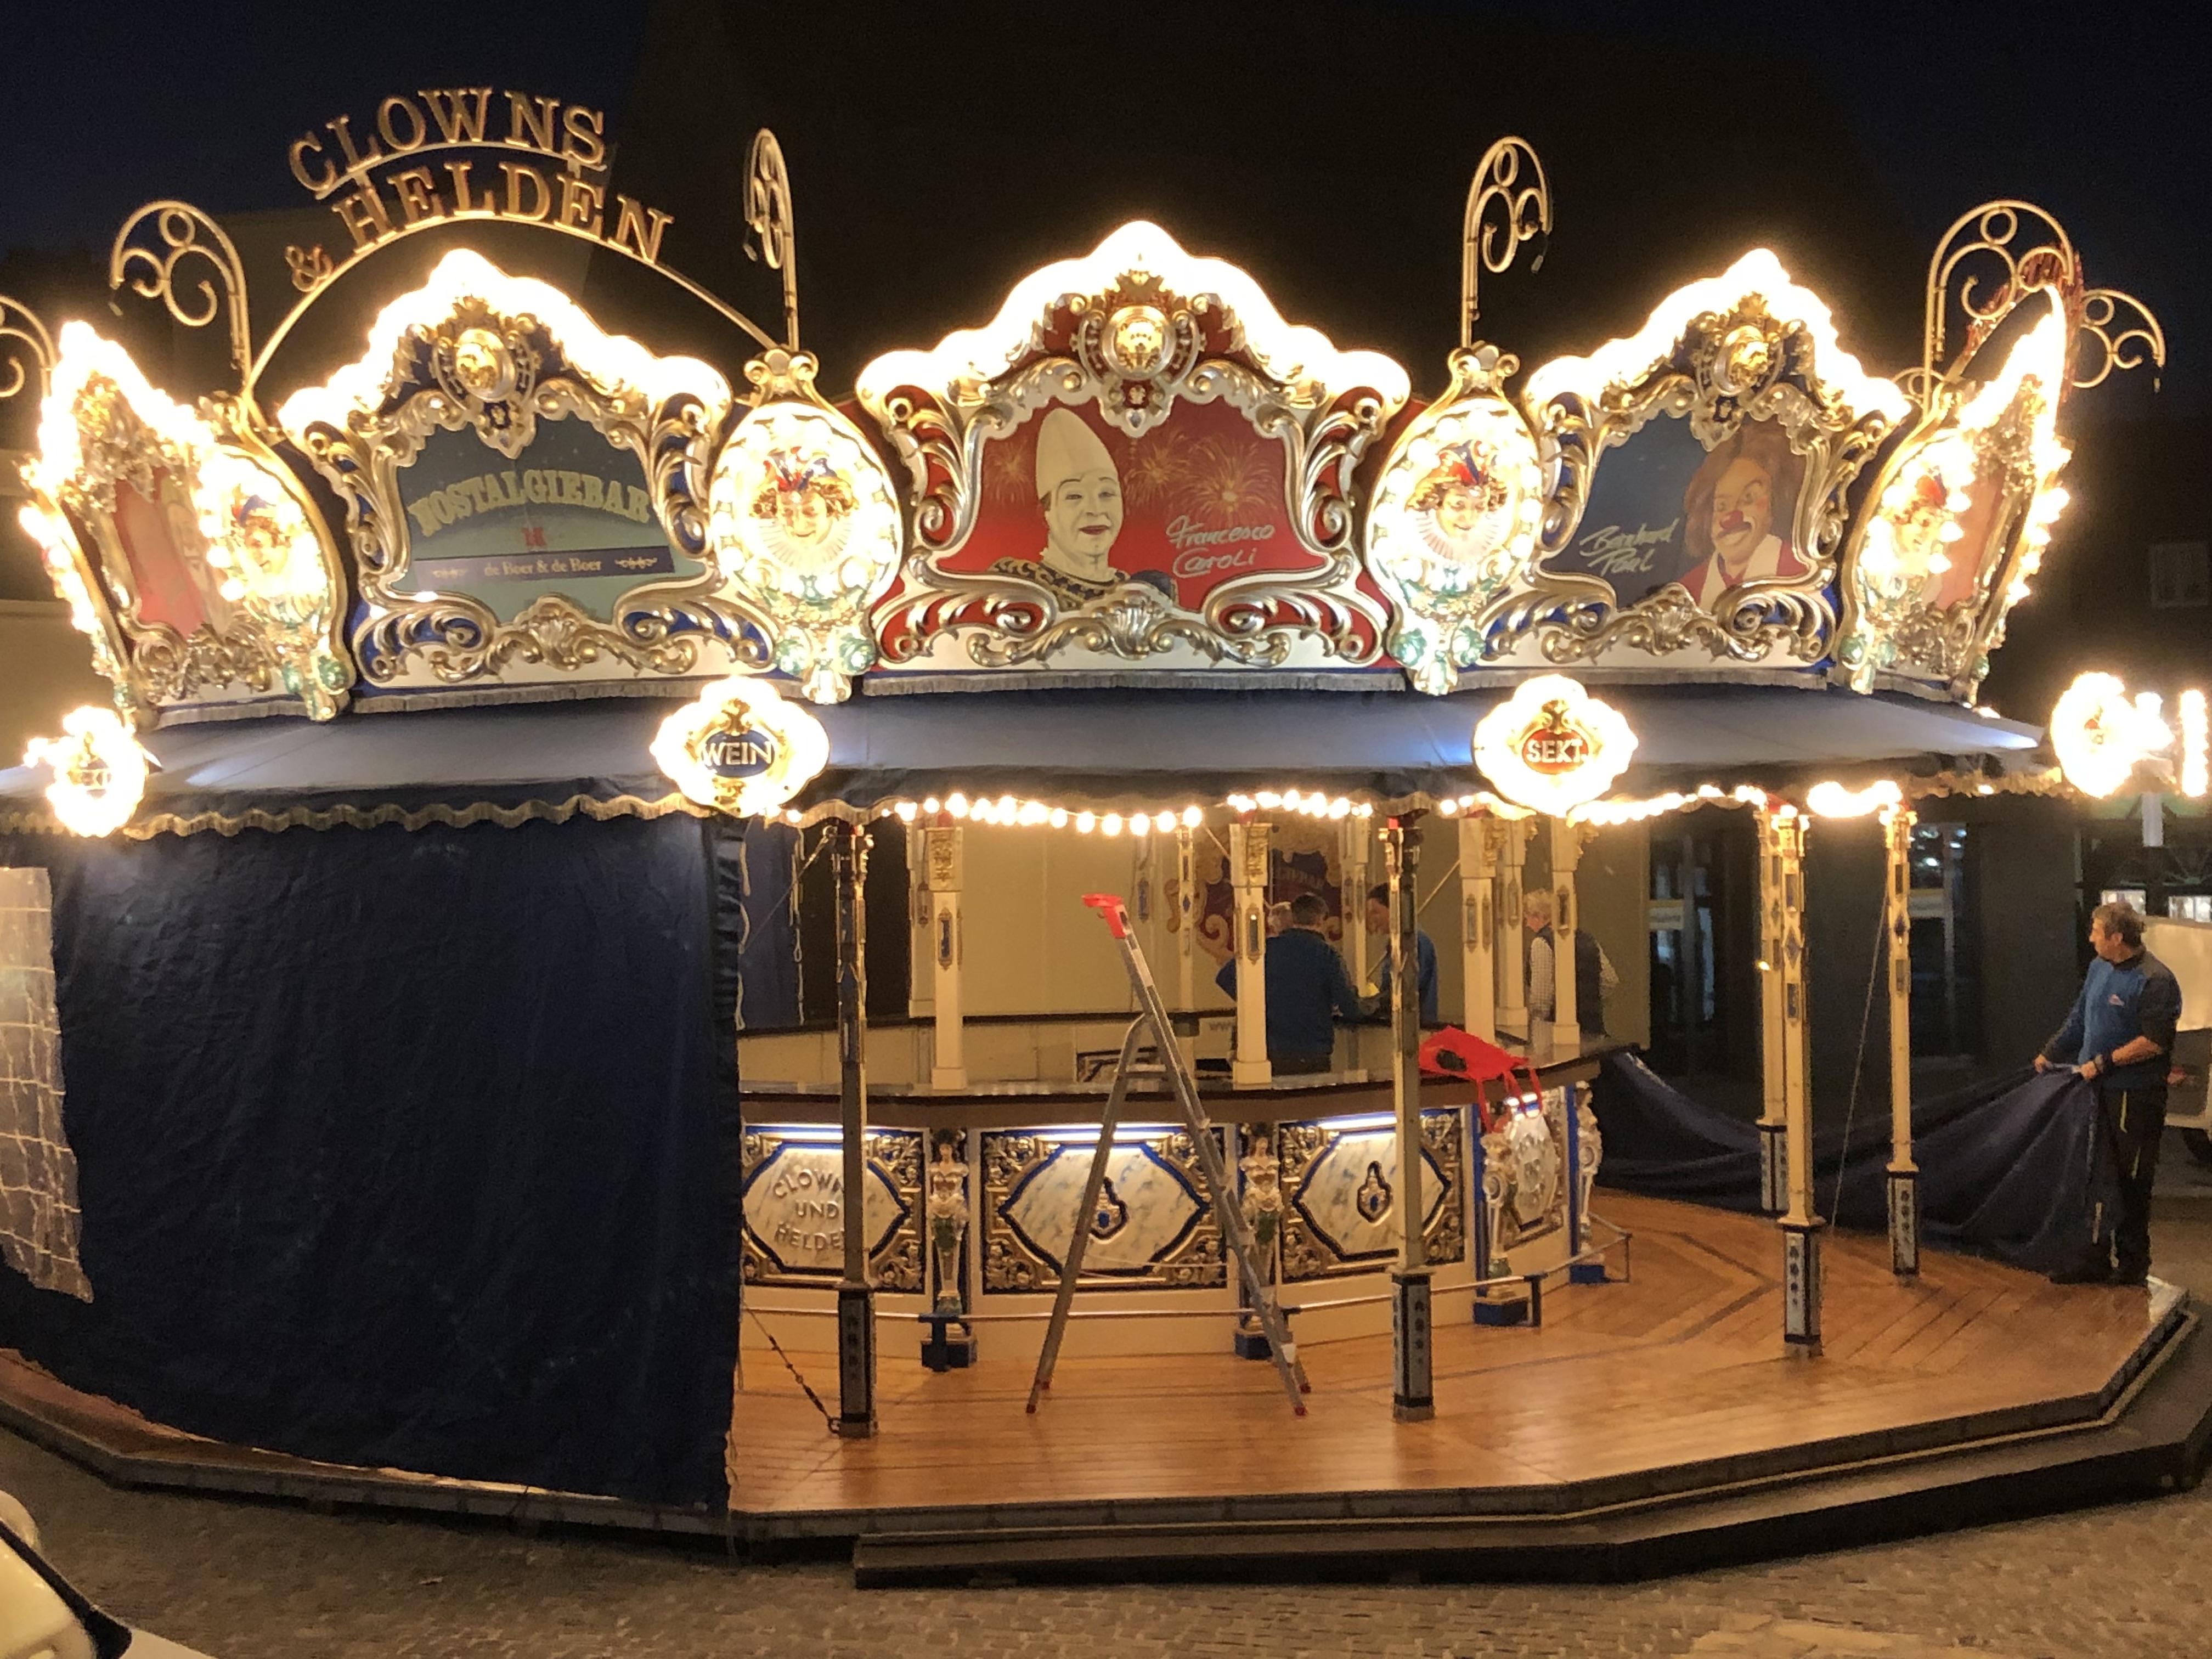 Weihnachtsmarkt Recklinghausen.Die Nostalgiebar Auf Dem Weihnachtsmarkt 2018 In Recklinghausen